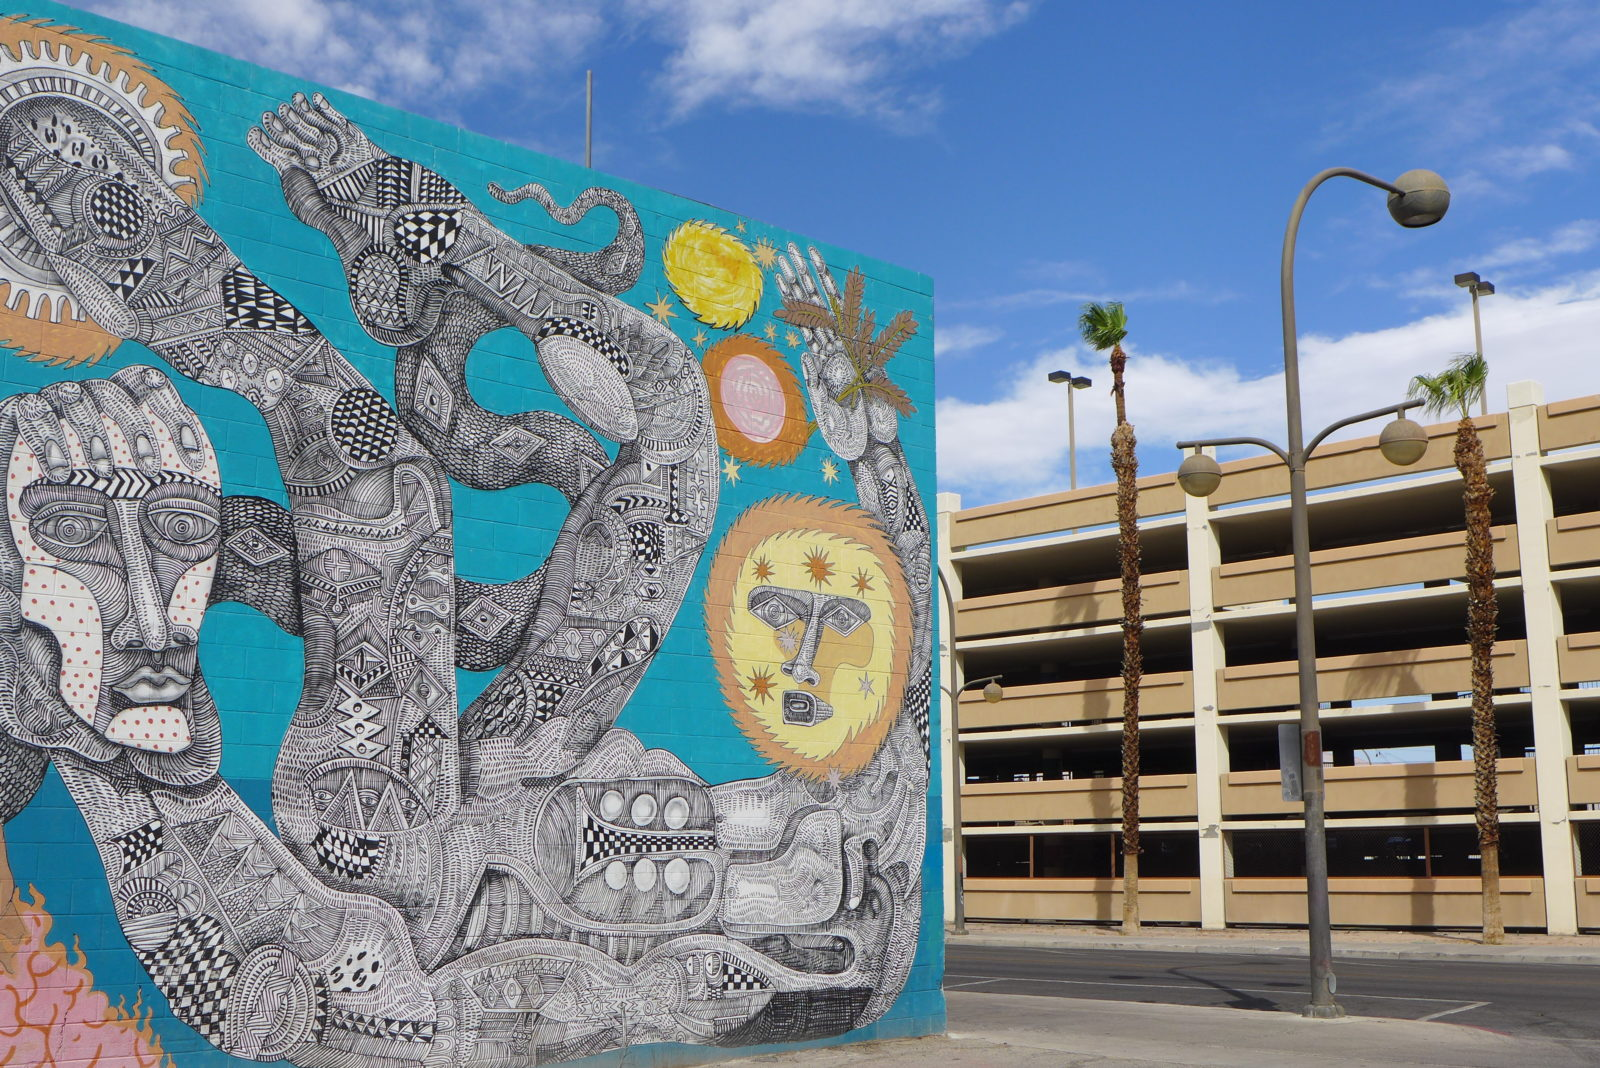 arturbain lasvegas street art murals radar graffitiZio Ziegler - À Las Vegas, un festival de street art et musique revitalise un quartier en perdition